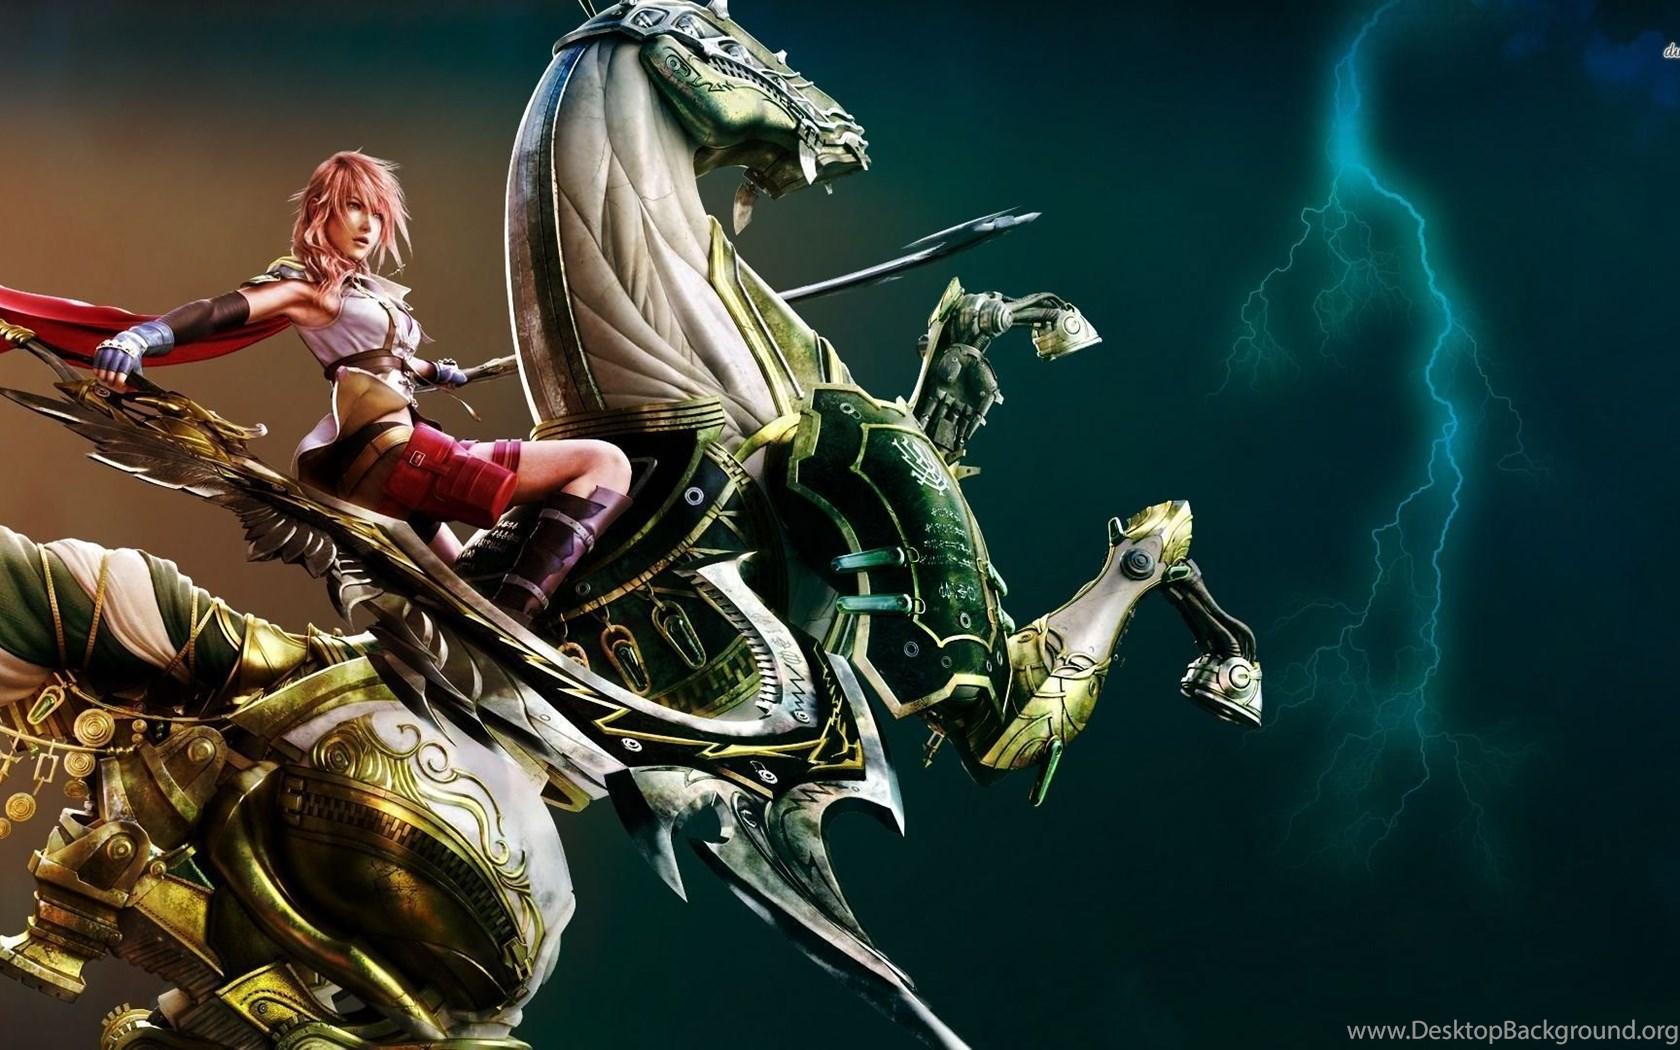 Hd Final Fantasy Xiii Wallpapers Desktop Background